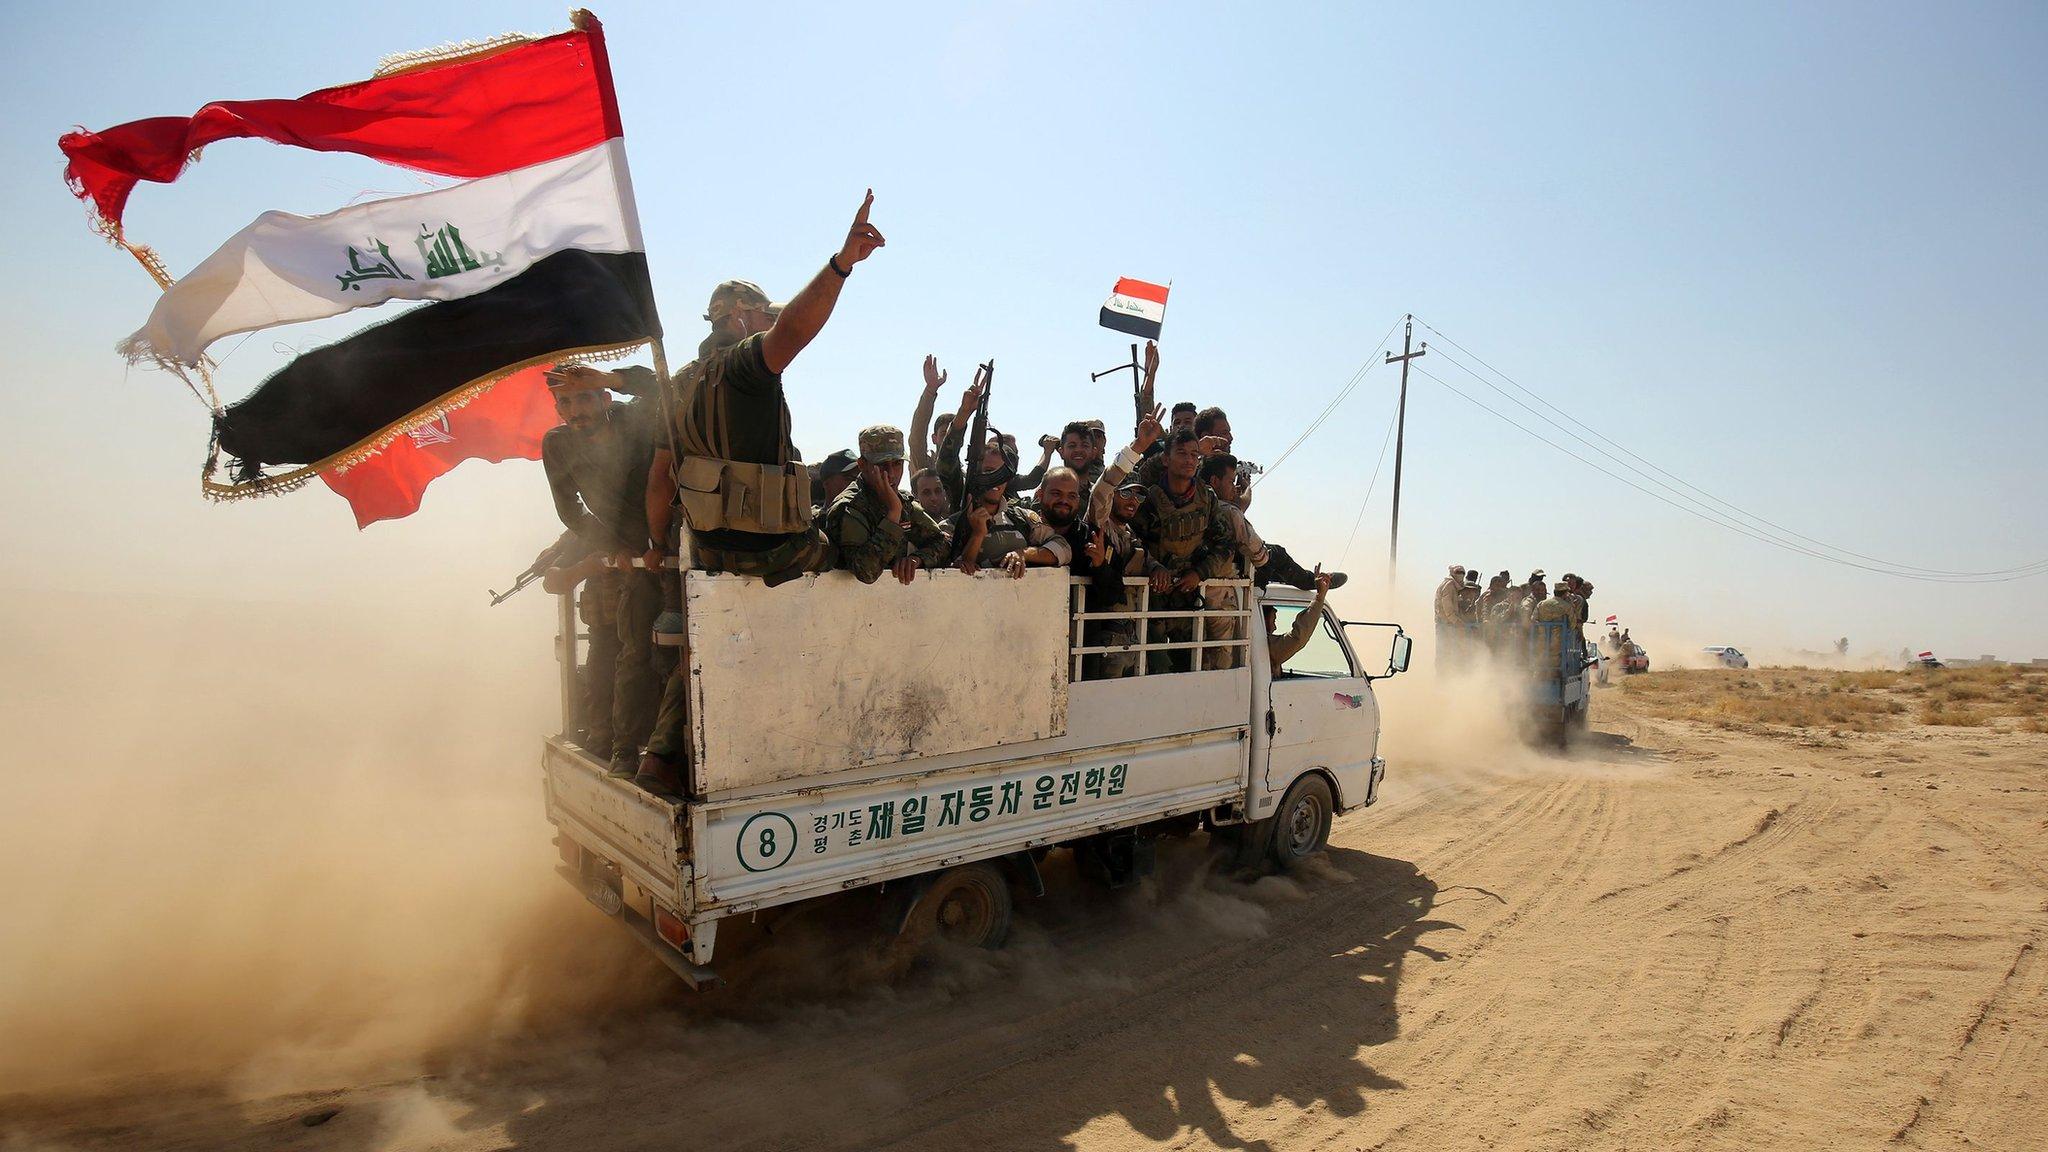 معركة الحويجة: القوات الحكومية العراقية تصل إلى وسط بلدة الشرقاط